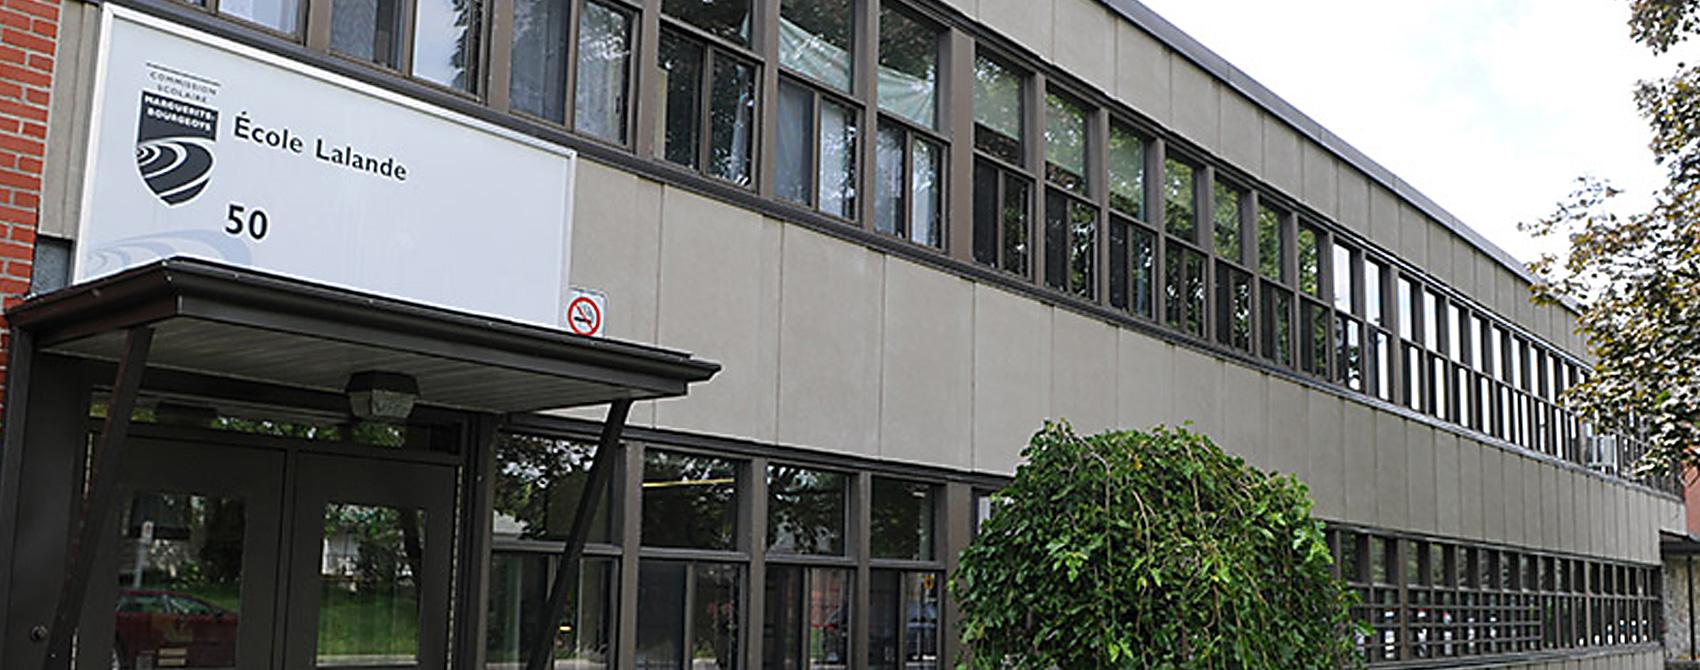 Ecole-Lalande